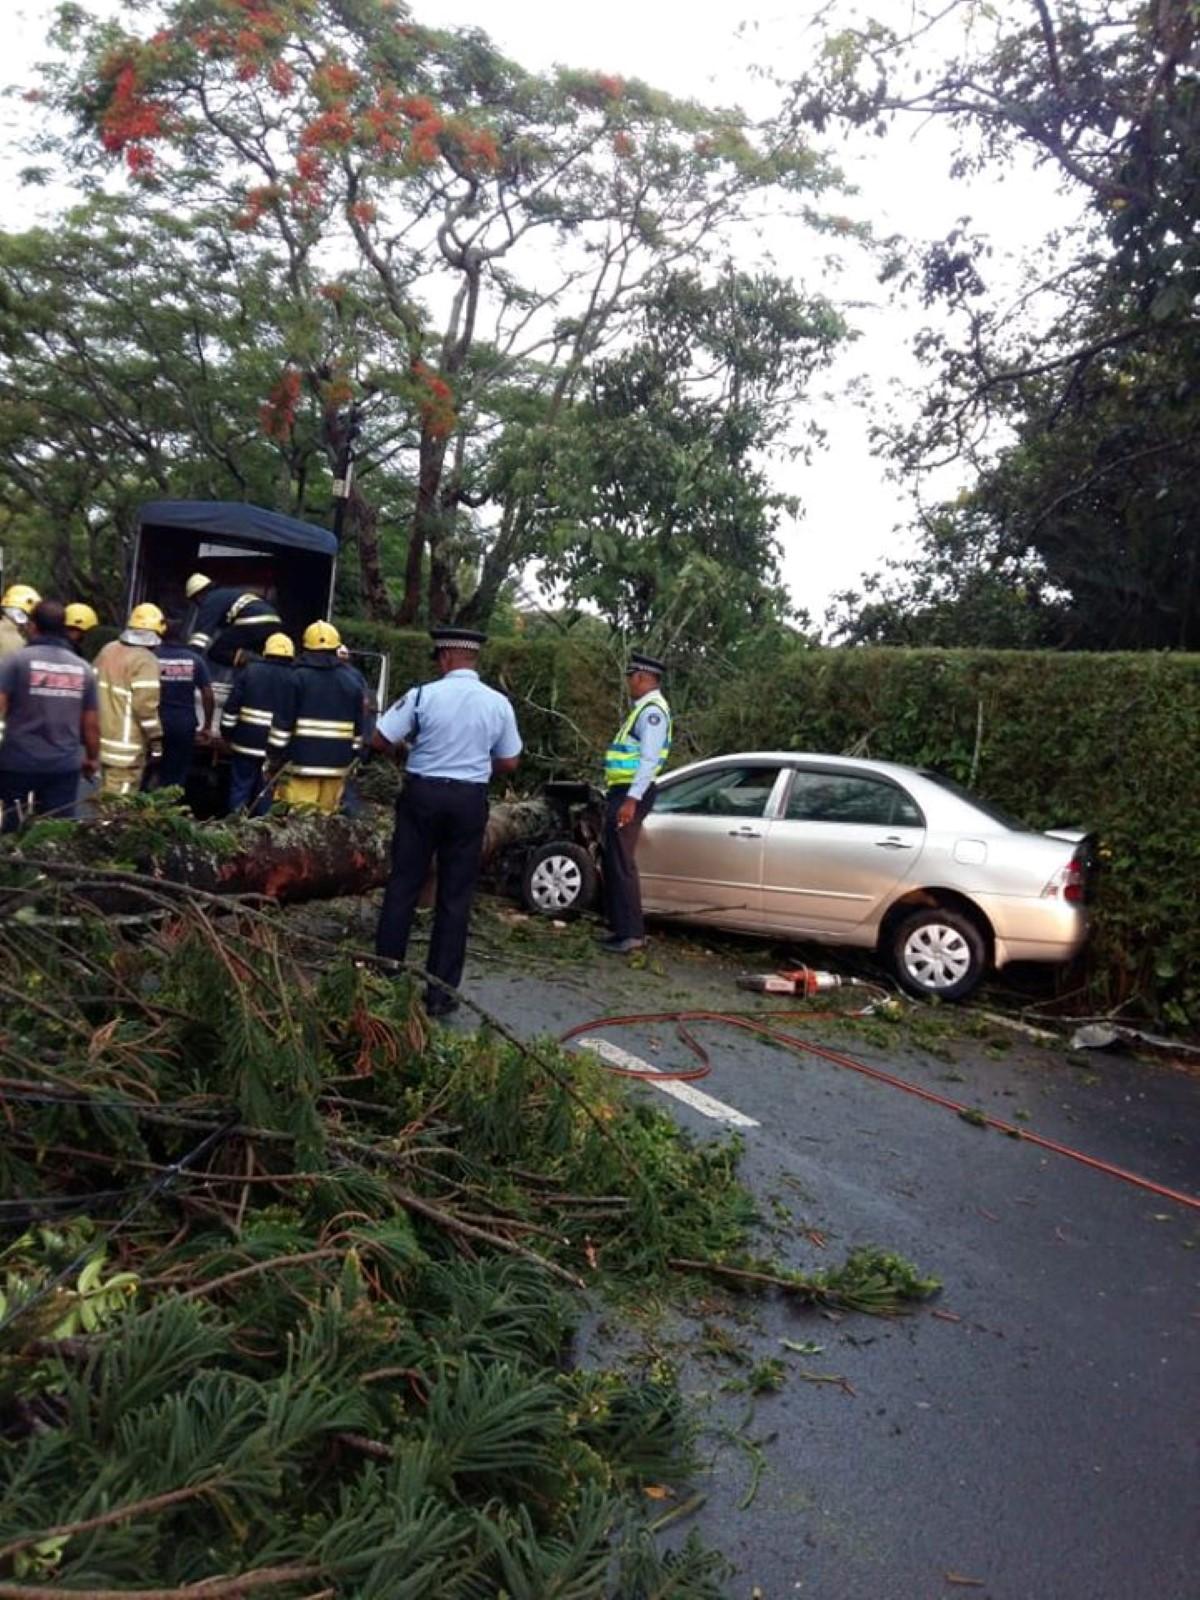 Un arbre chute sur une voiture : des dégâts, pas de blessés